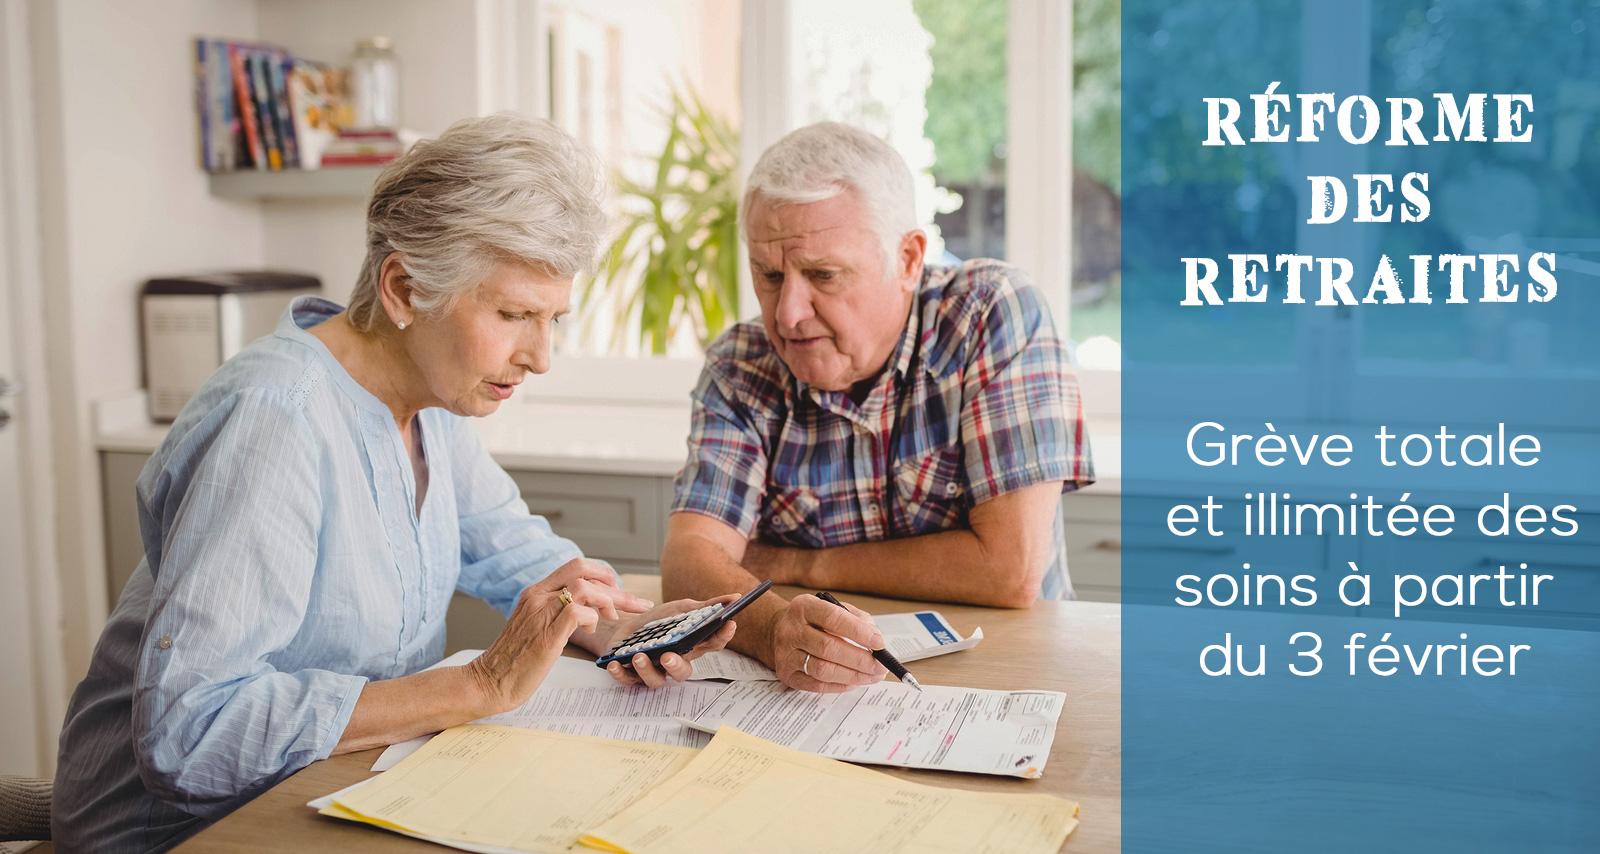 Réformes des retraites : zéro avancée, infirmières en danger !